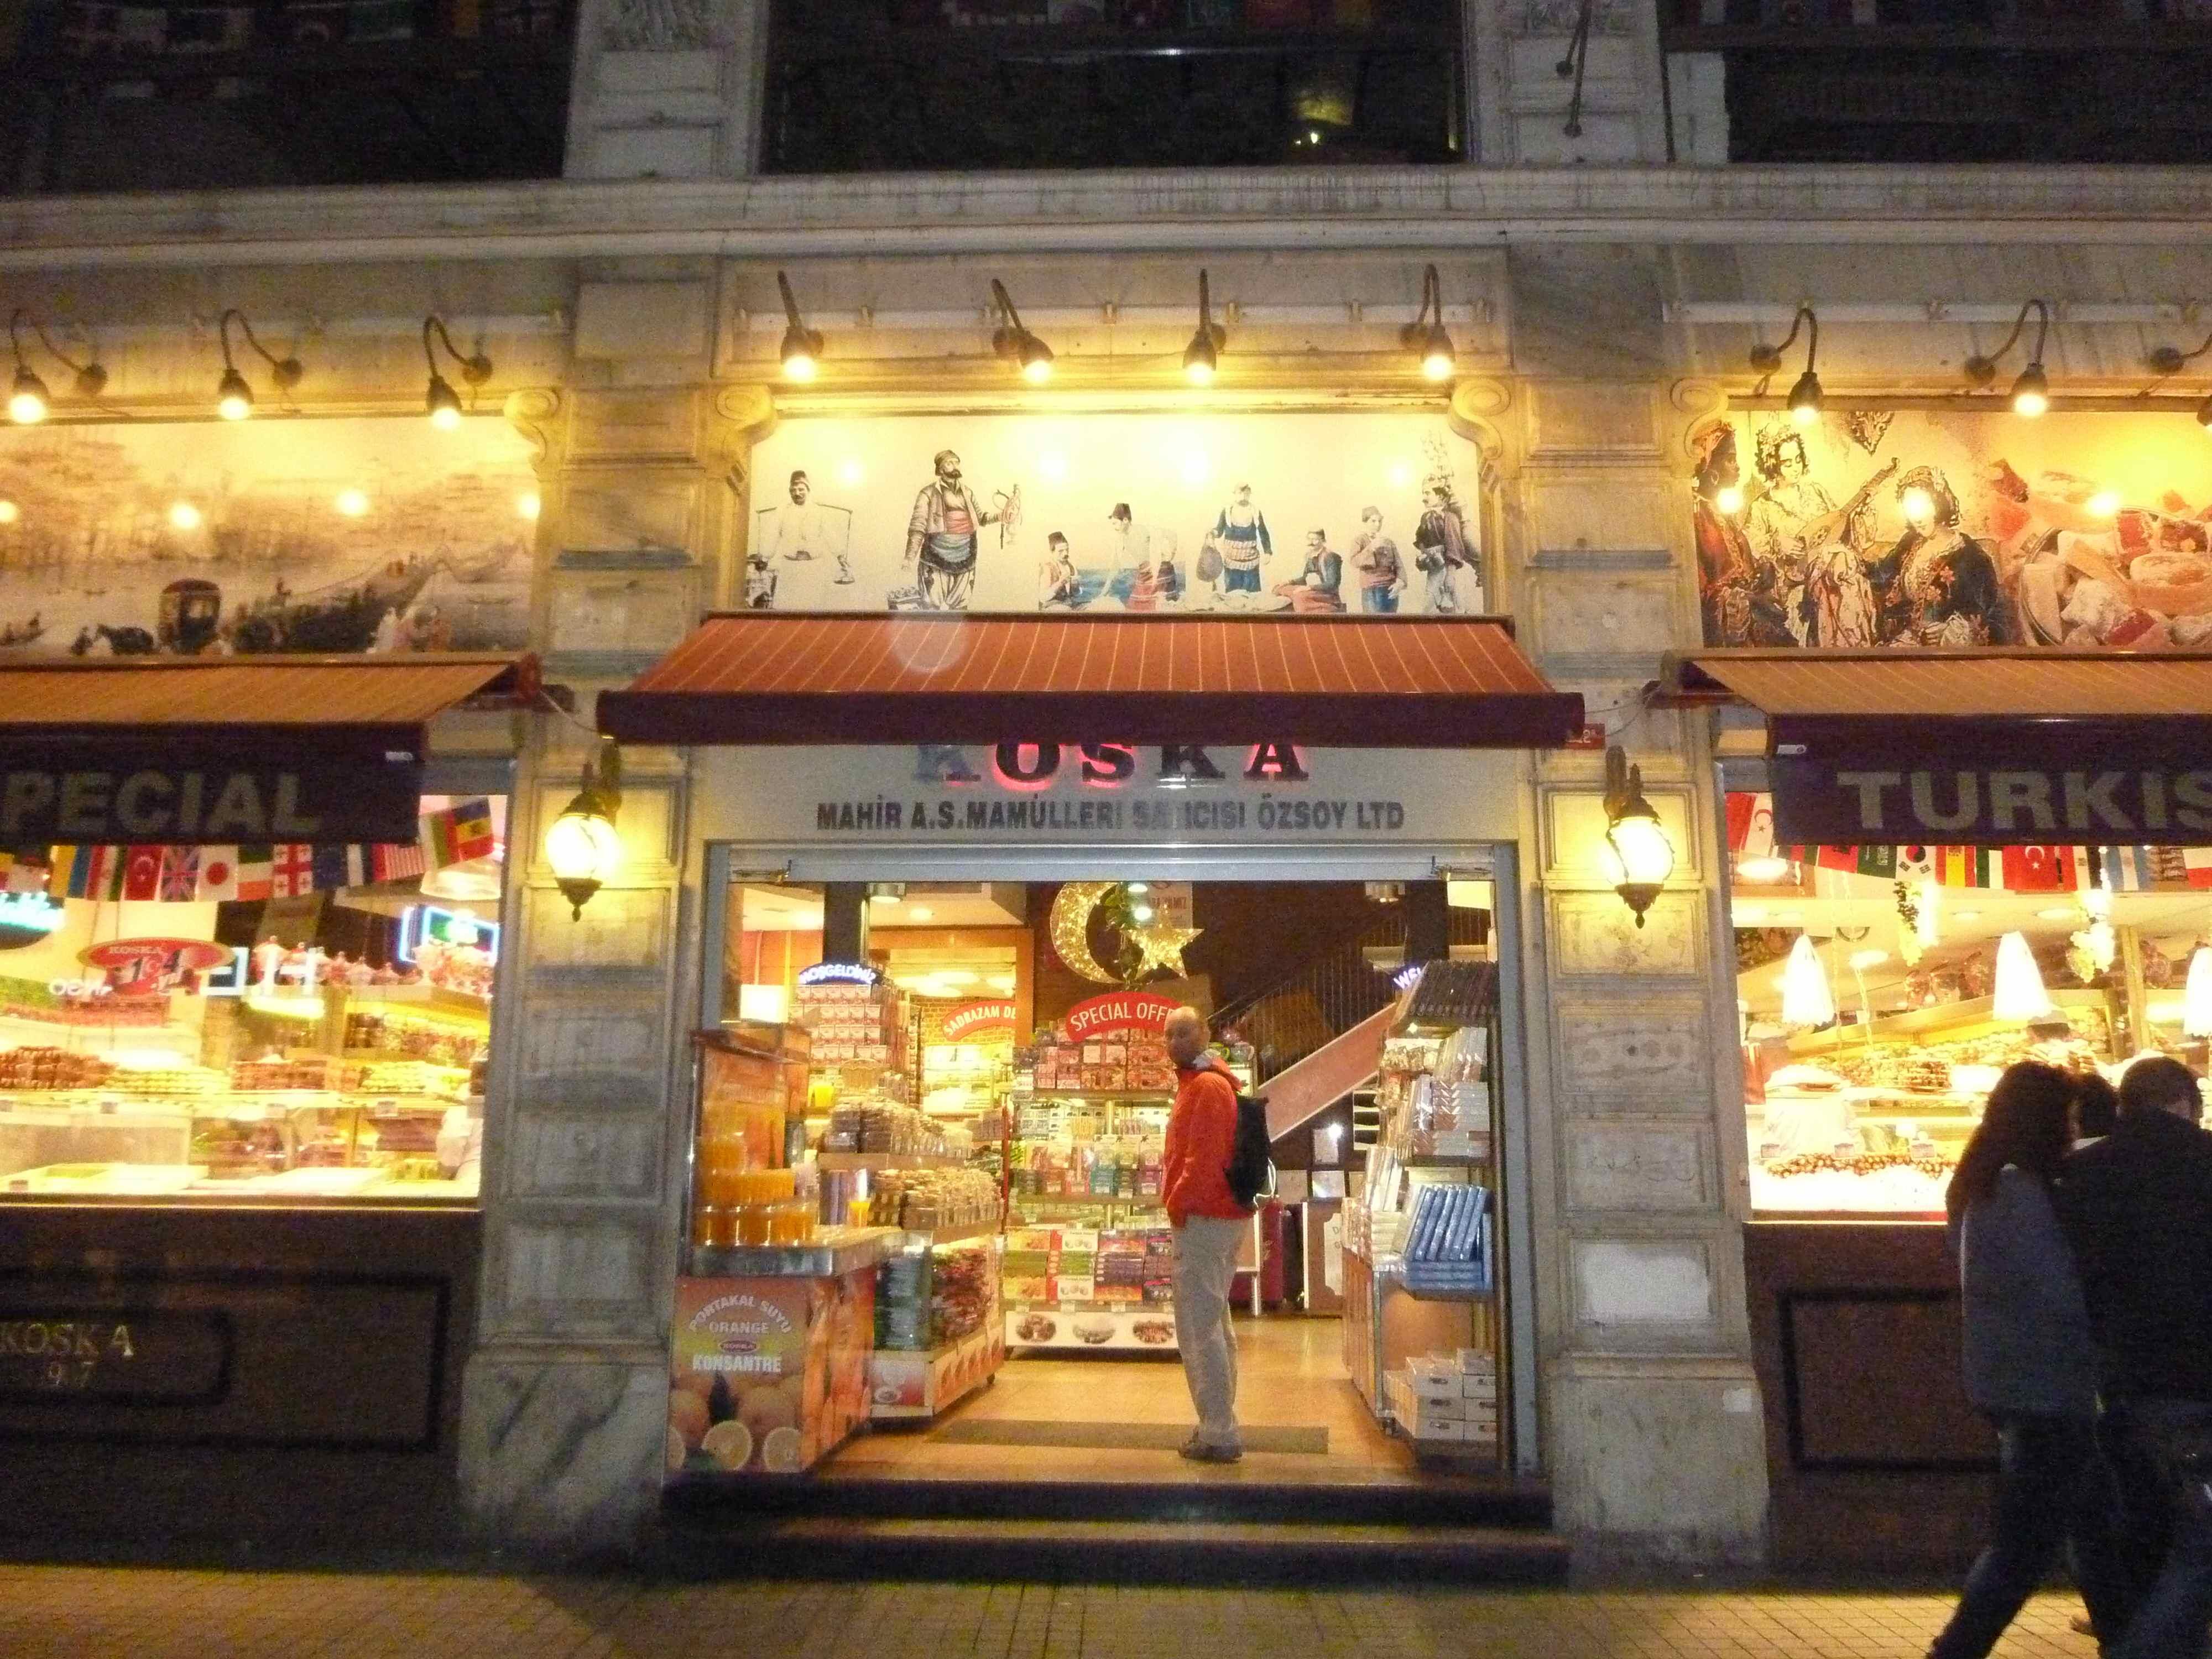 ร้านขนมของตุรกี Turkish delight อยากจะซื้อทั้งร้าน